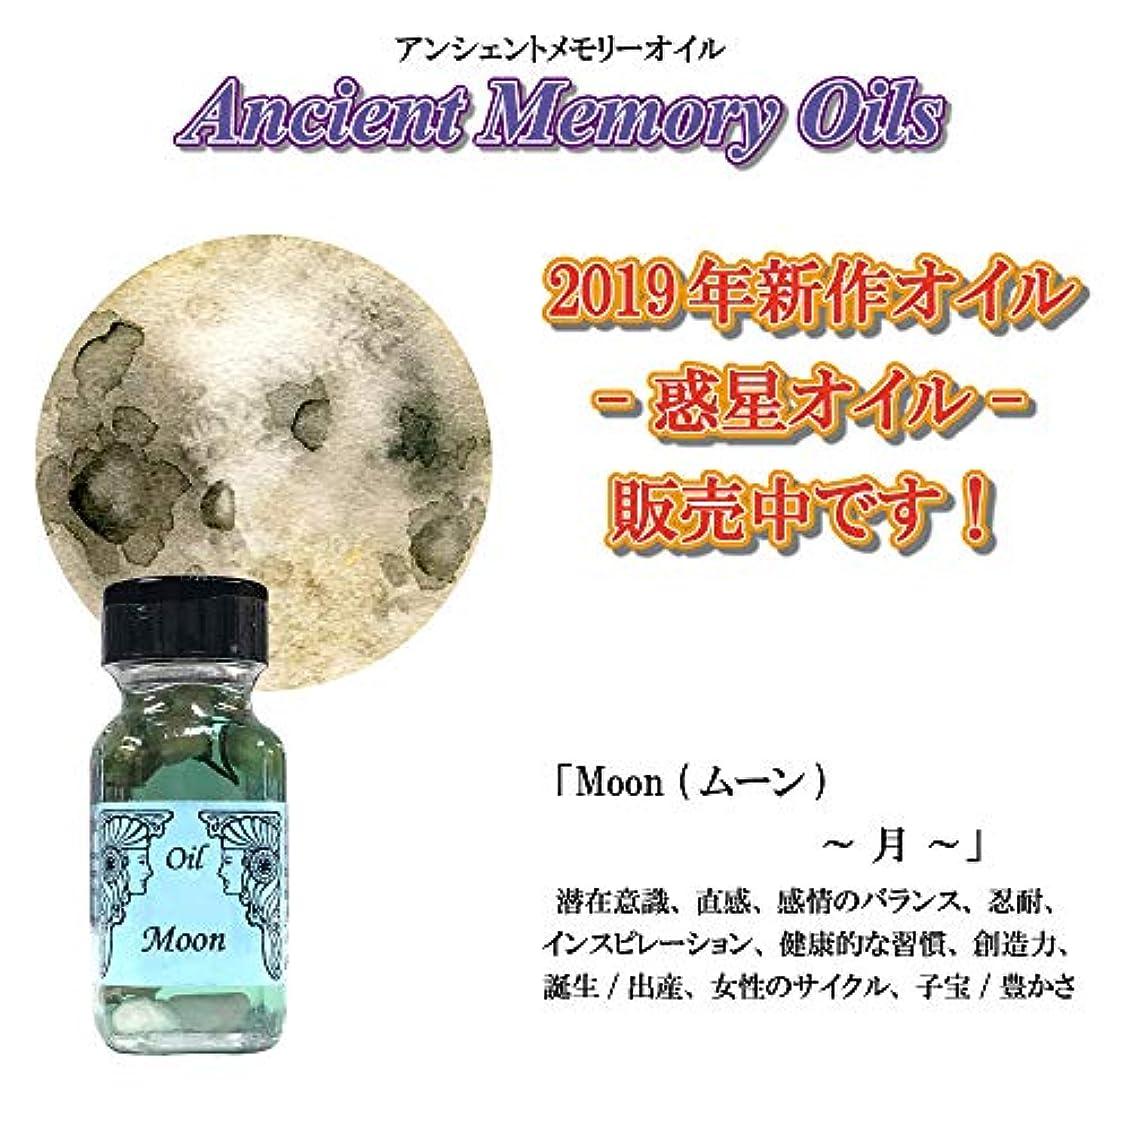 ポータブルグラフ再生的SEDONA Ancient Memory Oils セドナ アンシェントメモリーオイル 惑星オイル Moon 月 ムーン 15ml